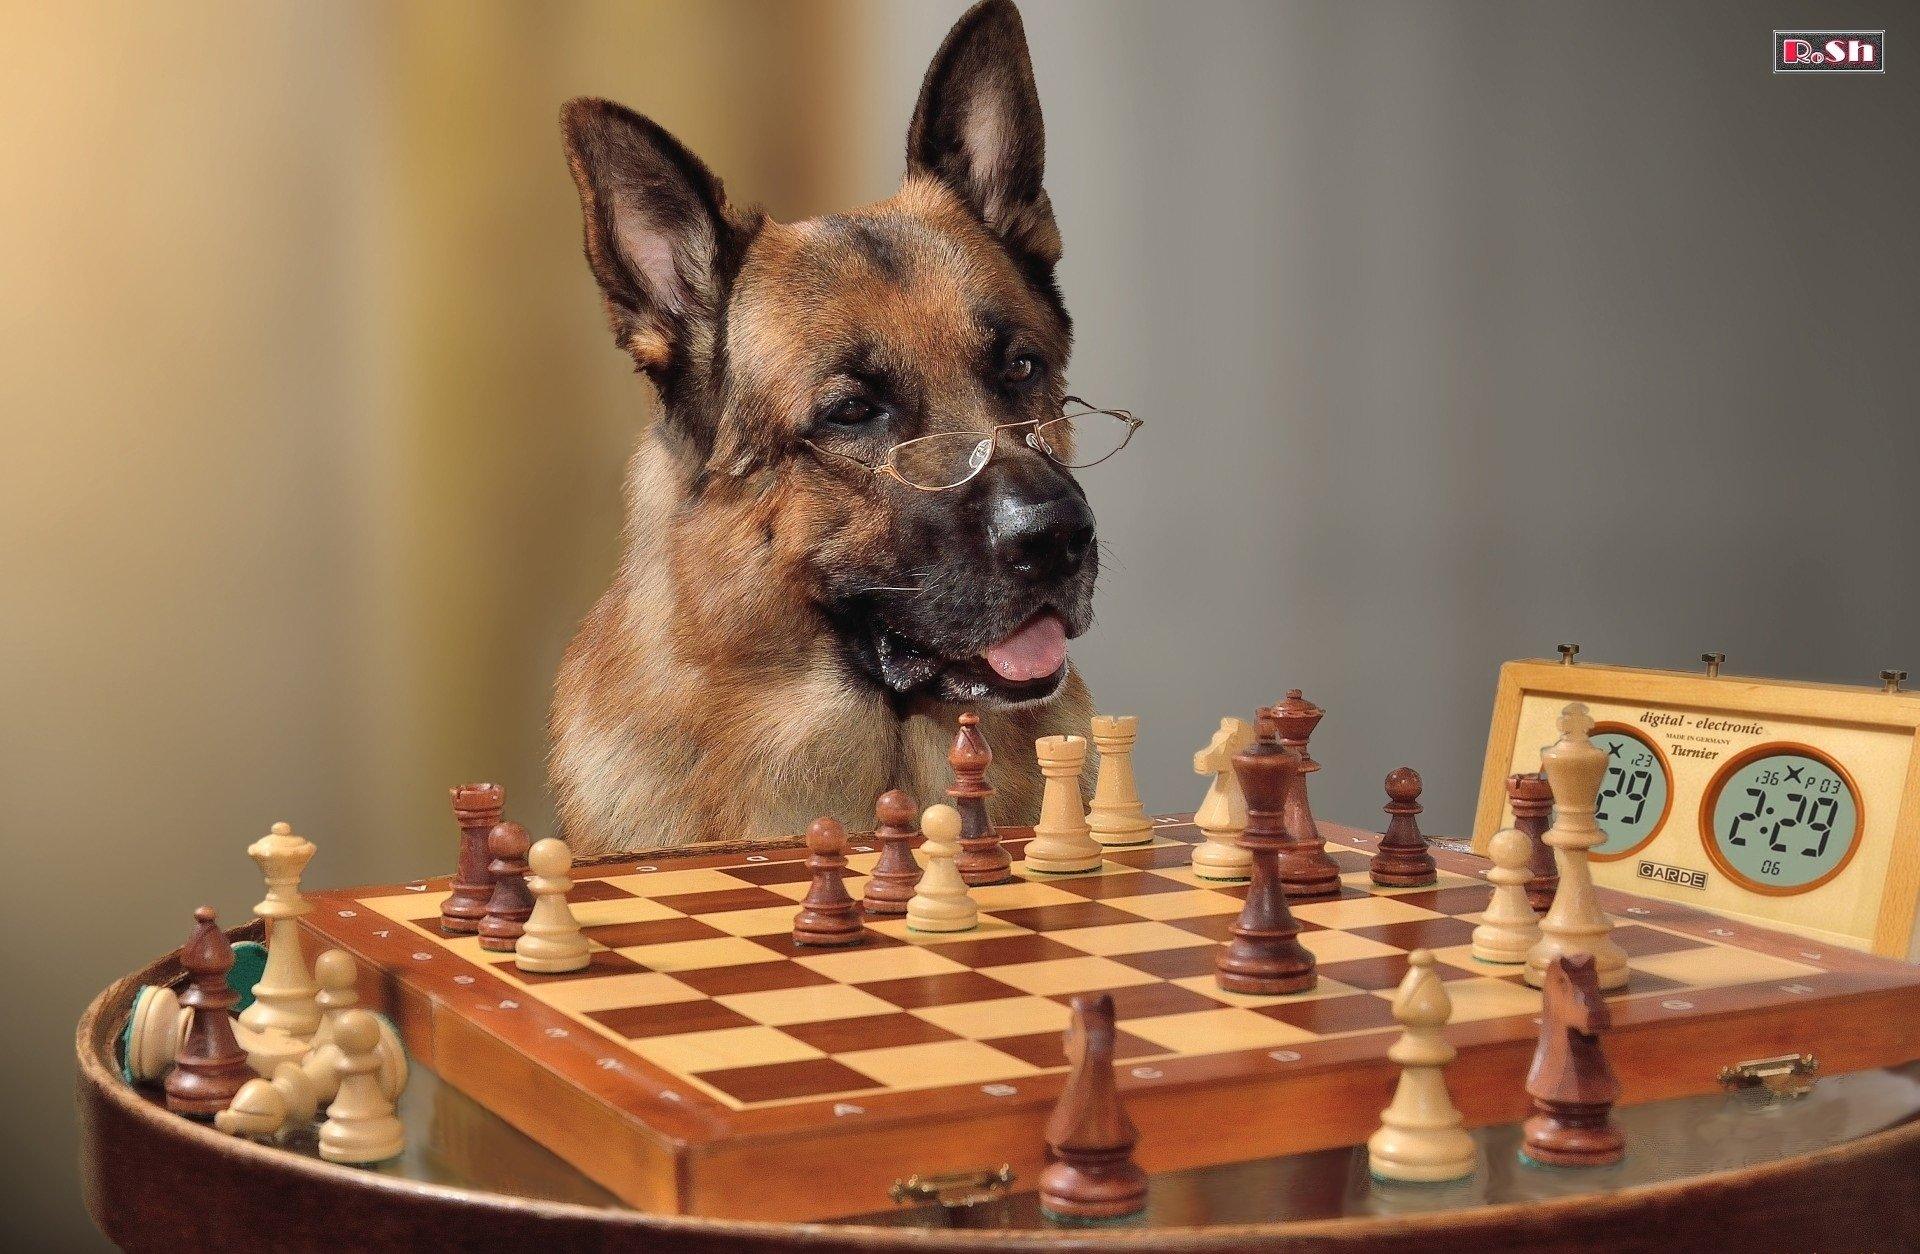 них юморные фото про шахматы мир африки поражает